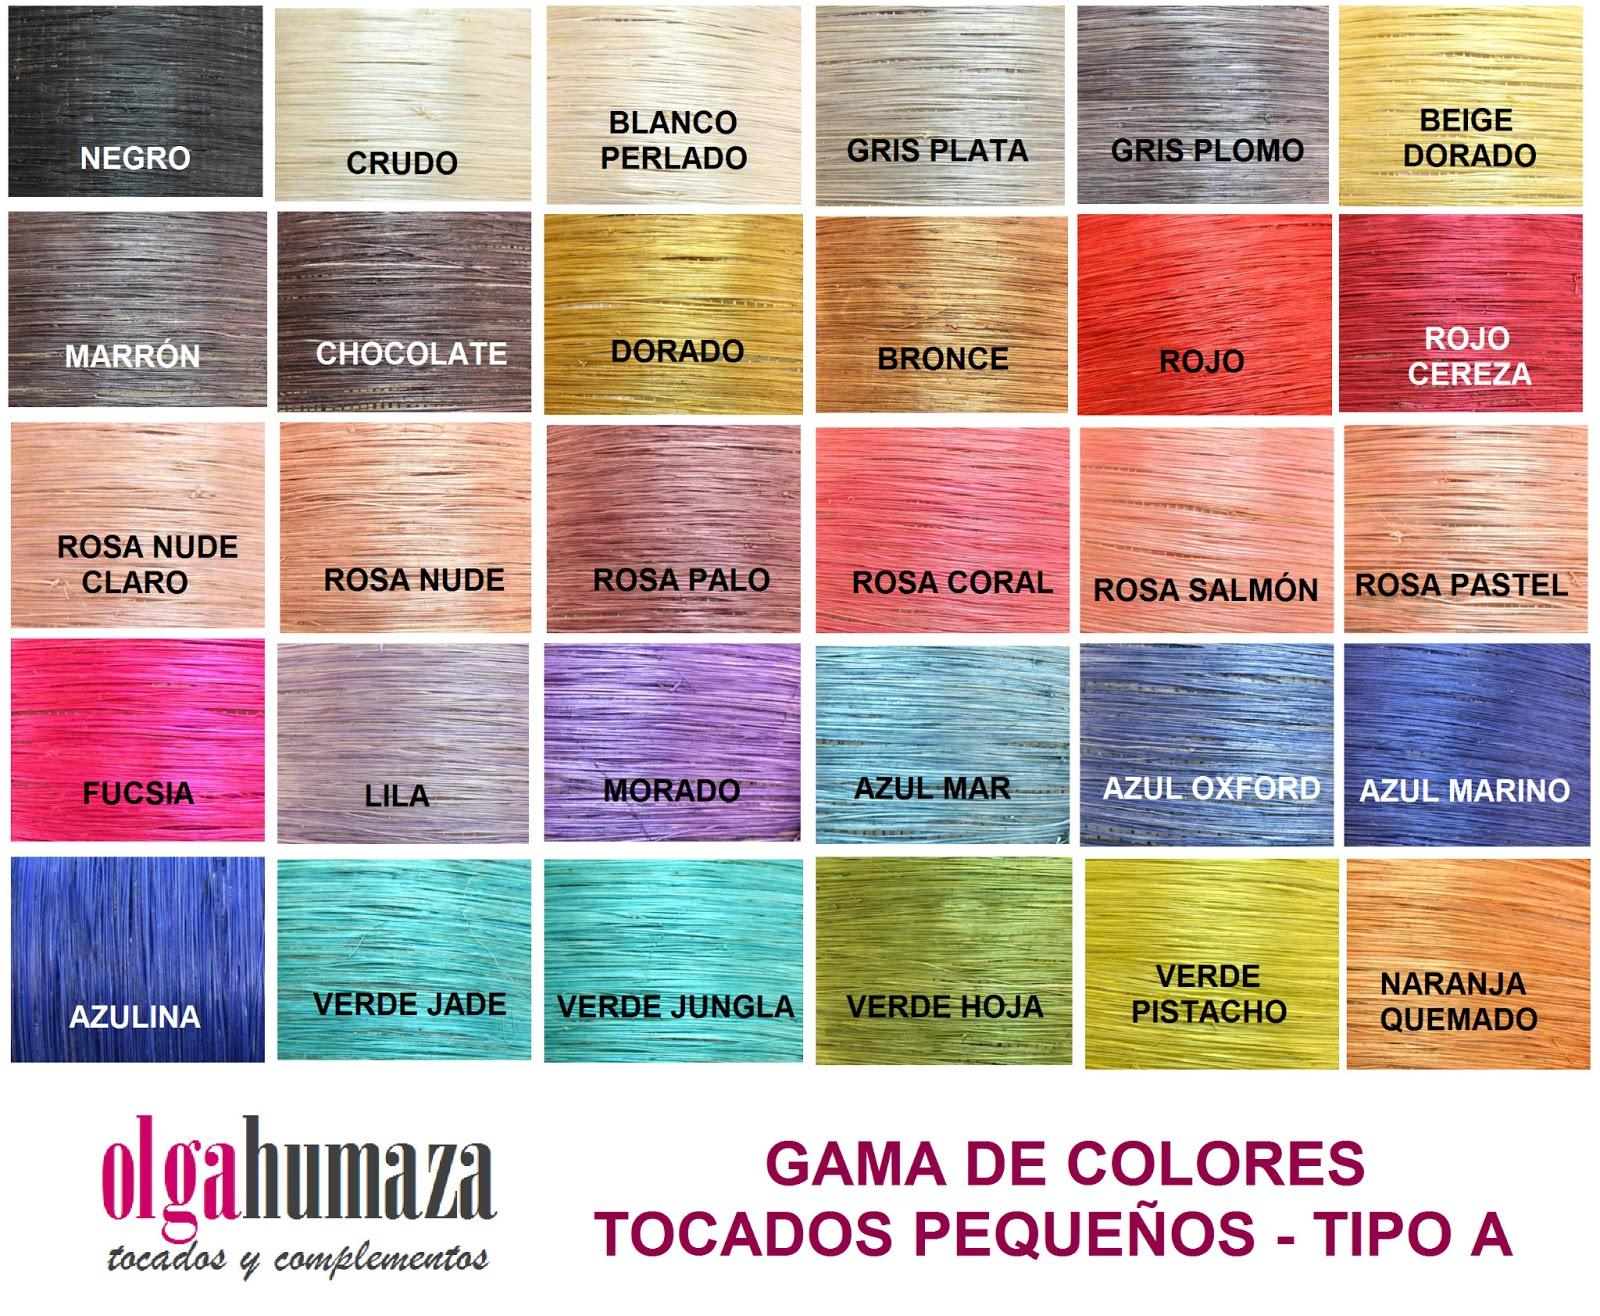 Olga humaza tocados y complementos febrero 2013 - Gama de colores rosas ...